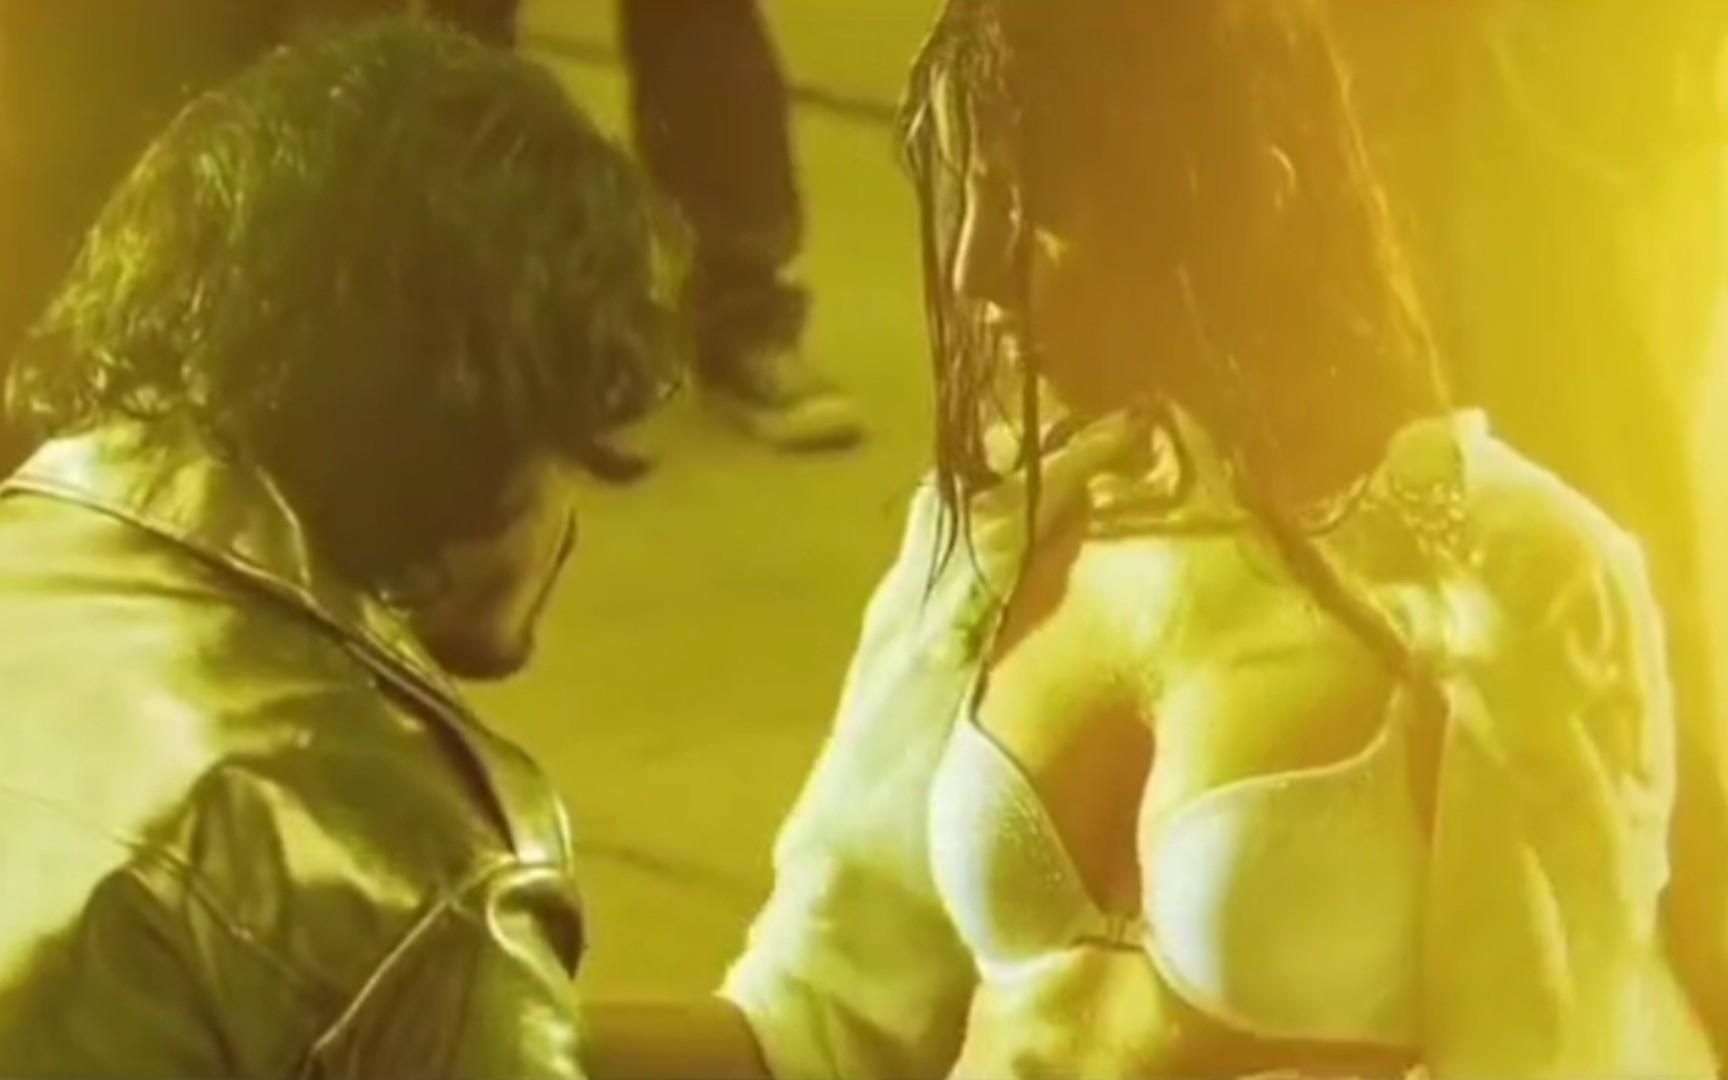 湿身下的诱惑,印度最强胸,没有之一